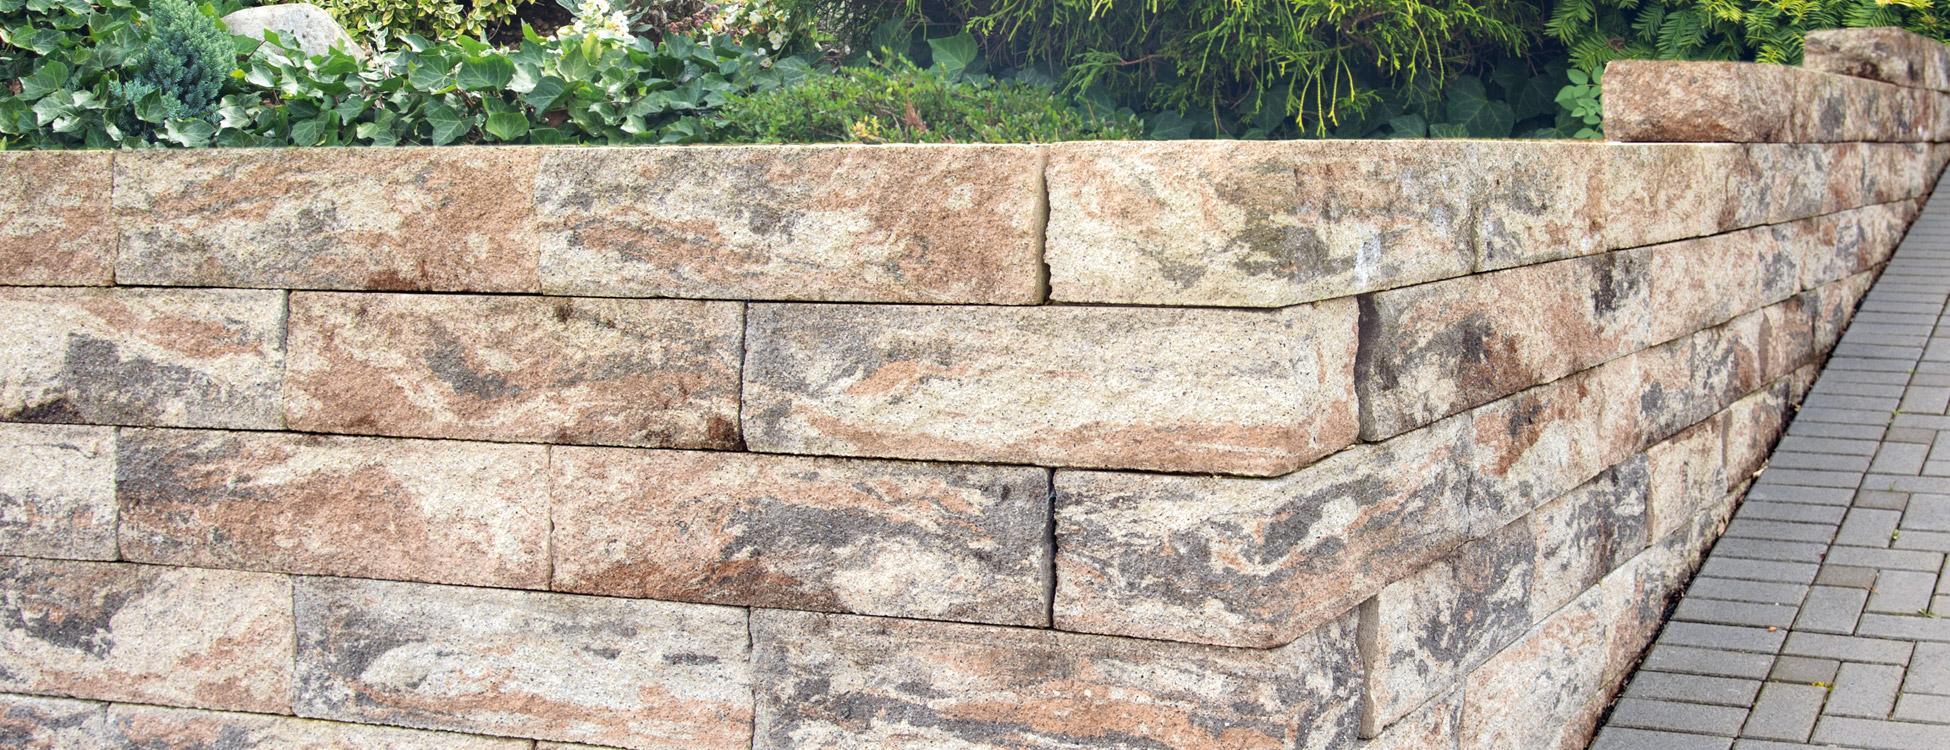 Muschelkalk Mauer cantano mauer lintel gruppe